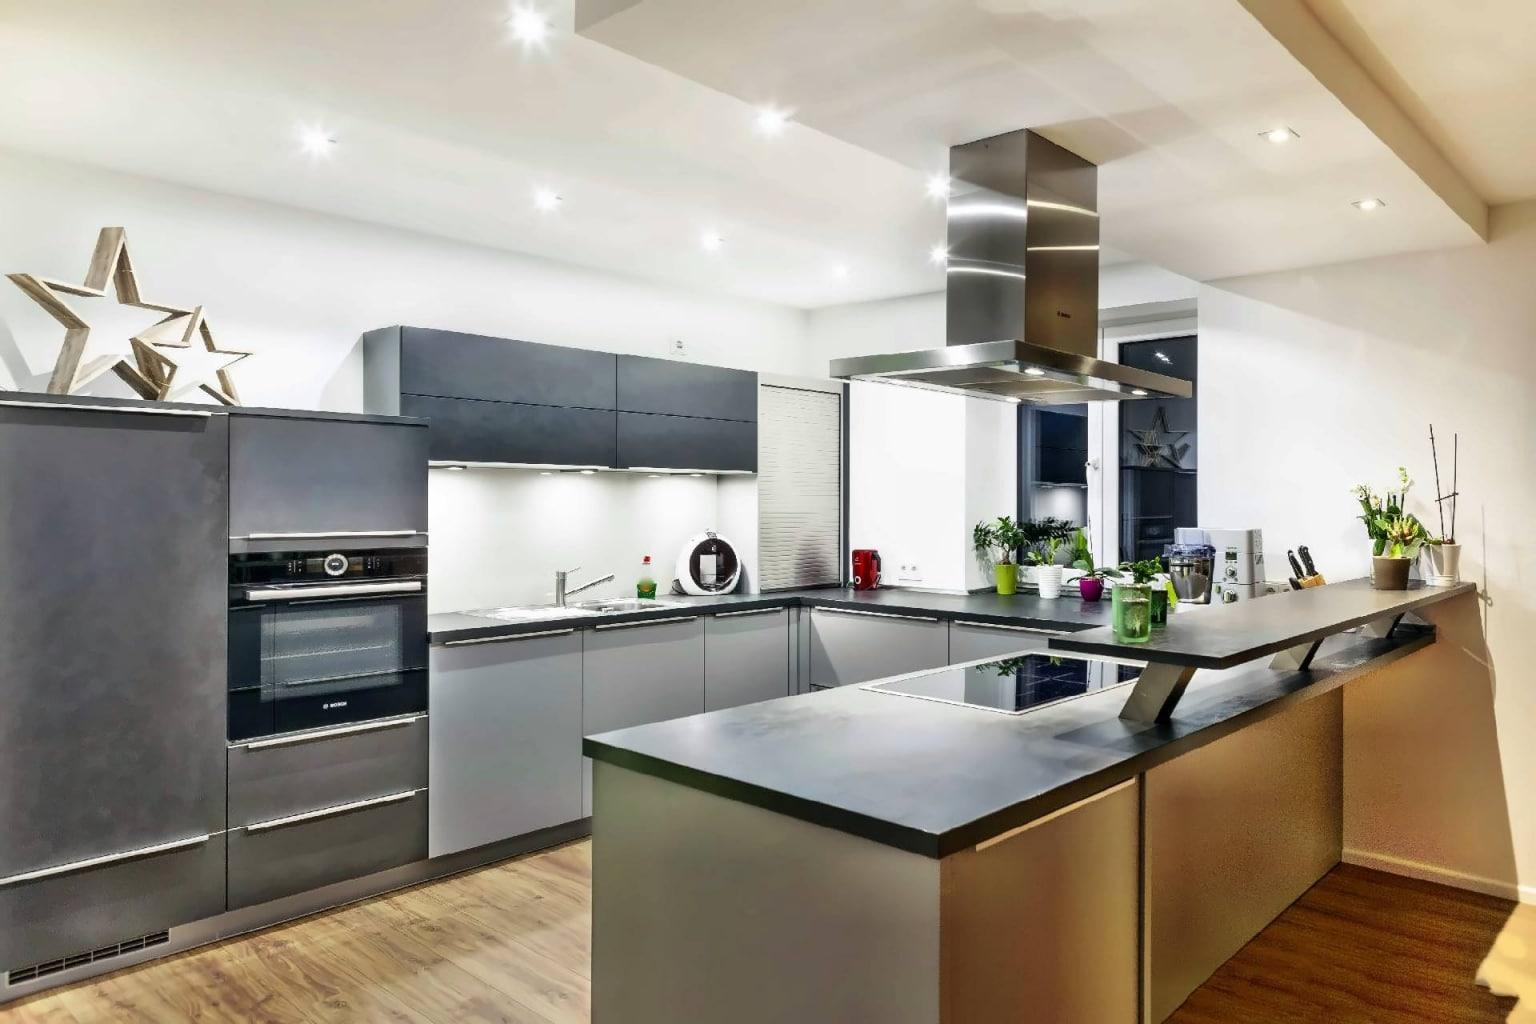 U-förmige Küche offen zum Wohnraum (7)